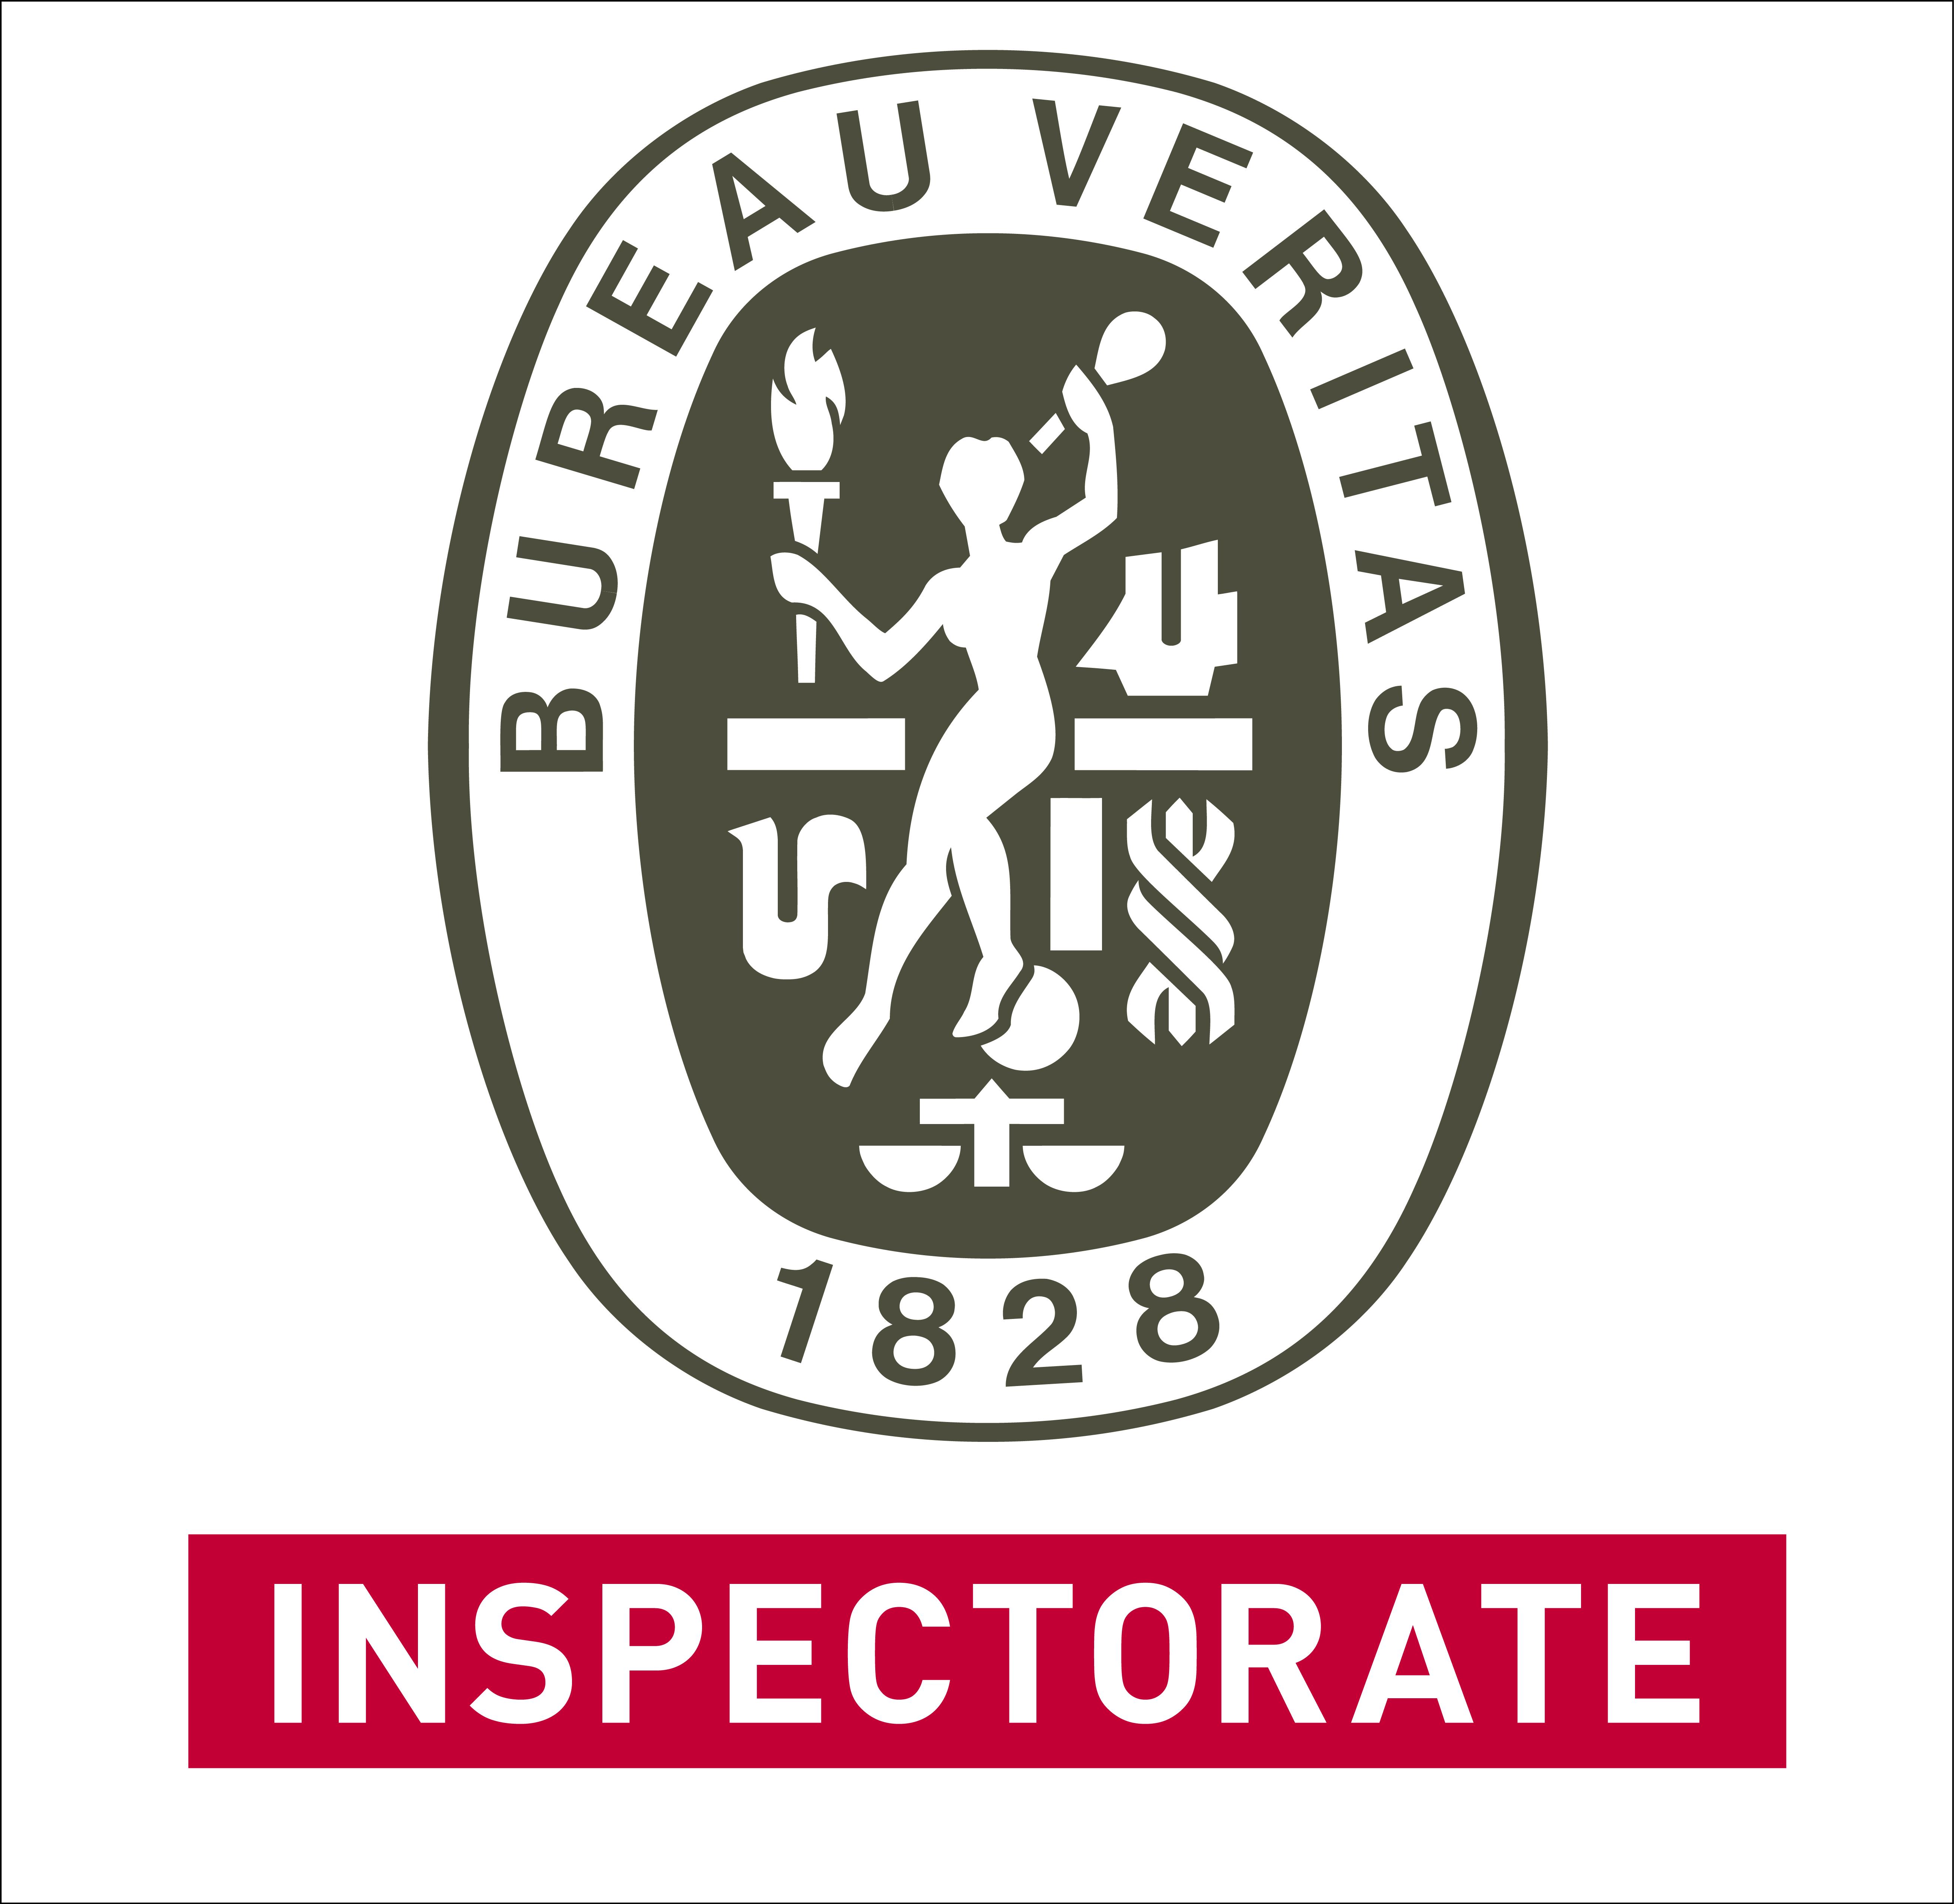 Bureau Veritas Inspectorate